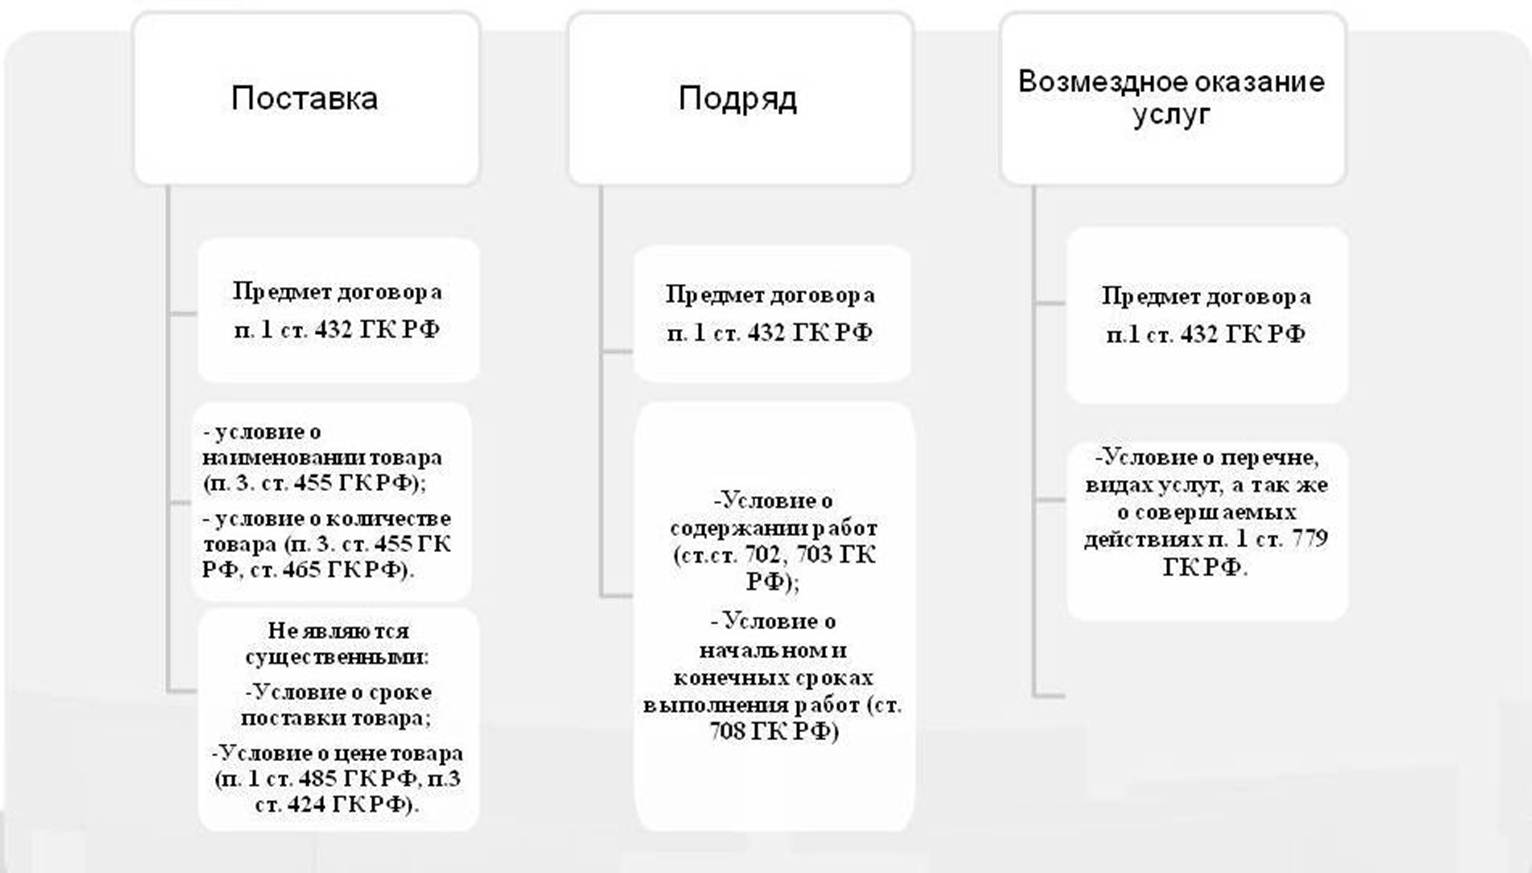 Соглашение - это... определение, значение и виды :: businessman.ru